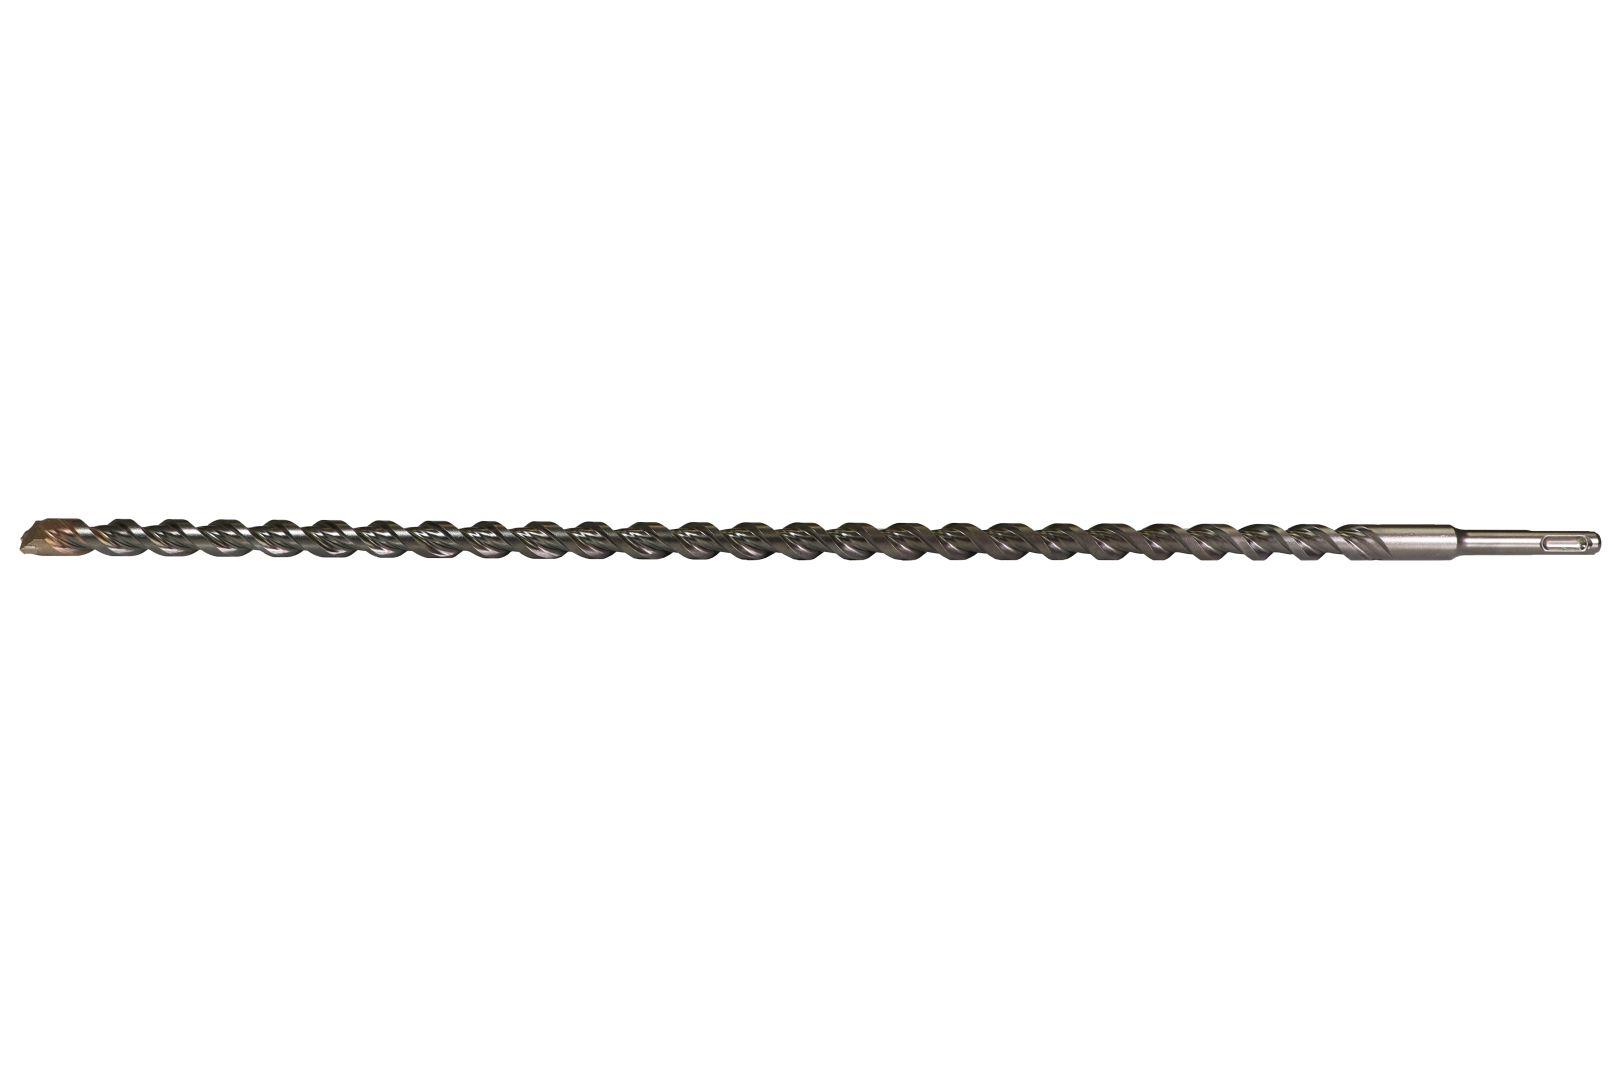 heller SDS-plus Hammerbohrer, Serie 'Bionic Pro', Ø/A/G: 16/400/450 mm